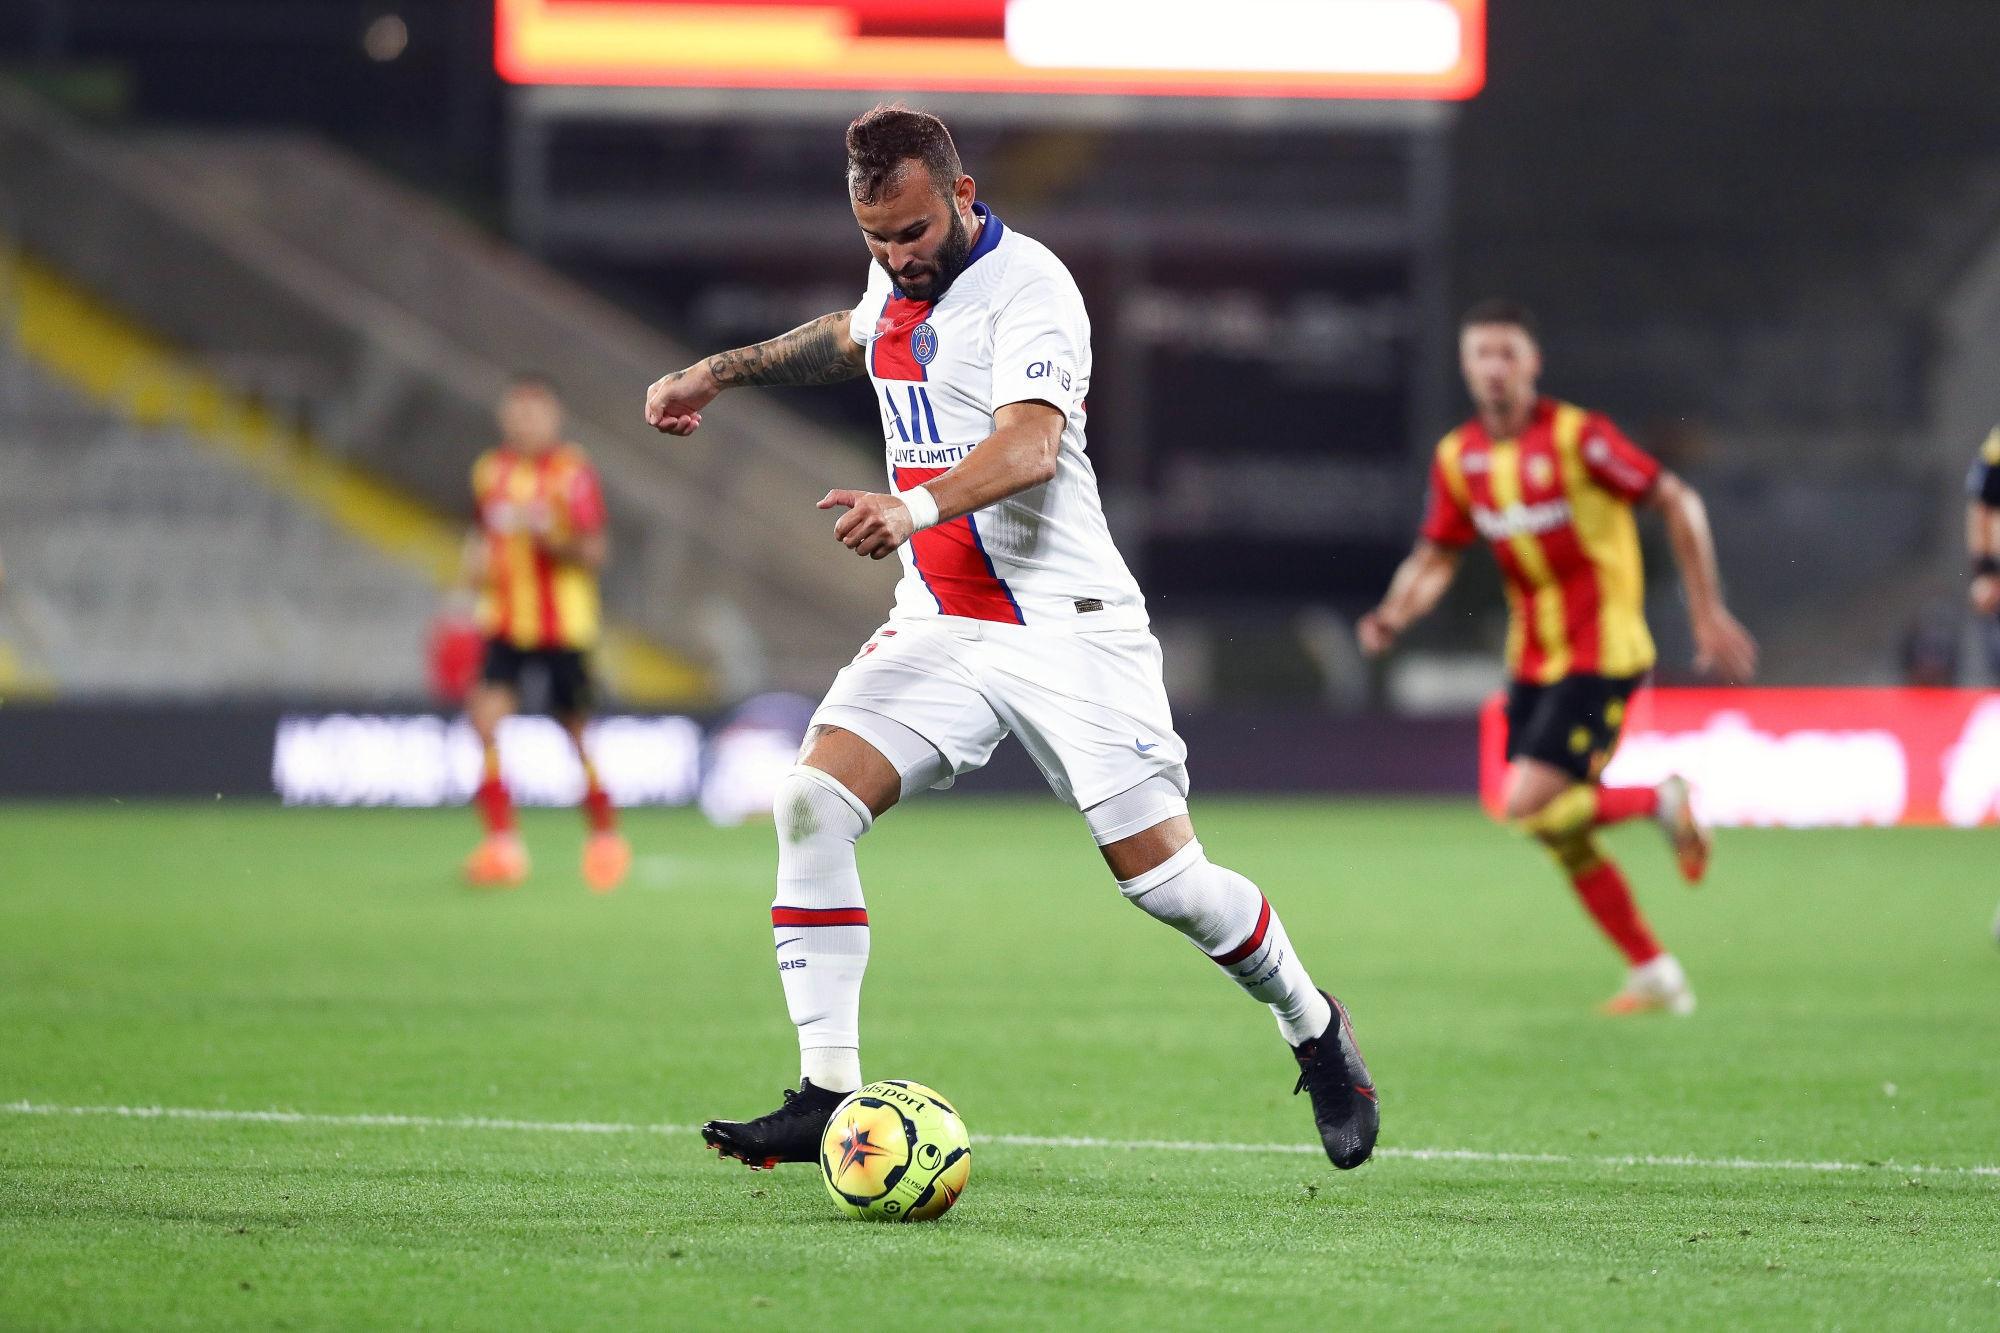 Mercato - L'agent de Jesé écarte la rumeur Fenerbahçe, puis évoque la MLS et l'Espagne